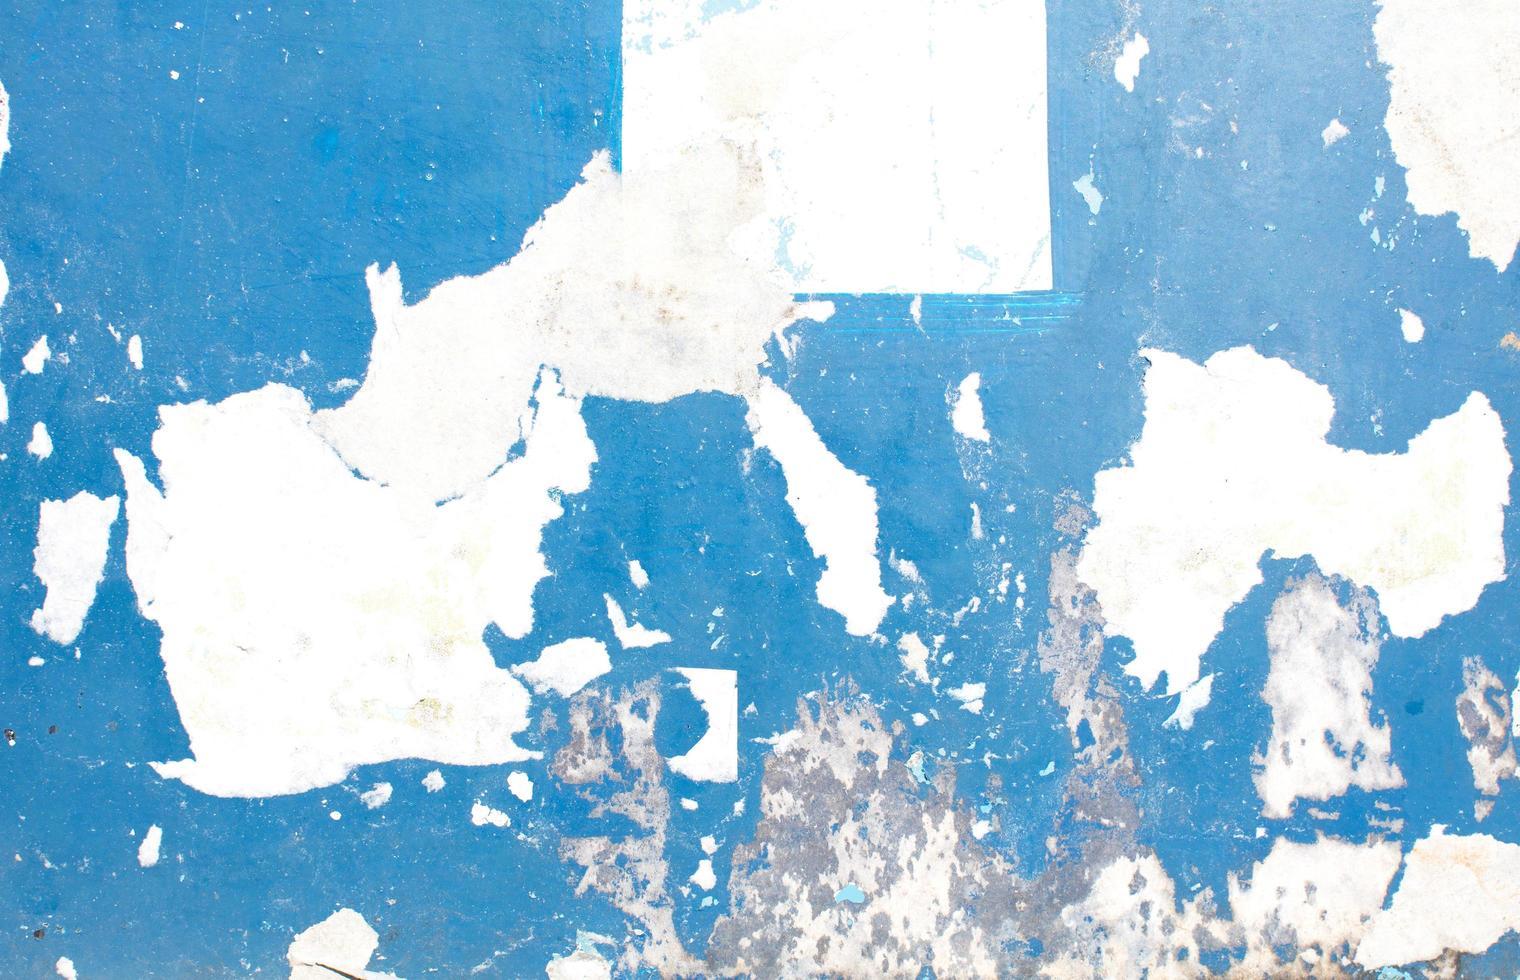 blauwe afgebladderde verf foto